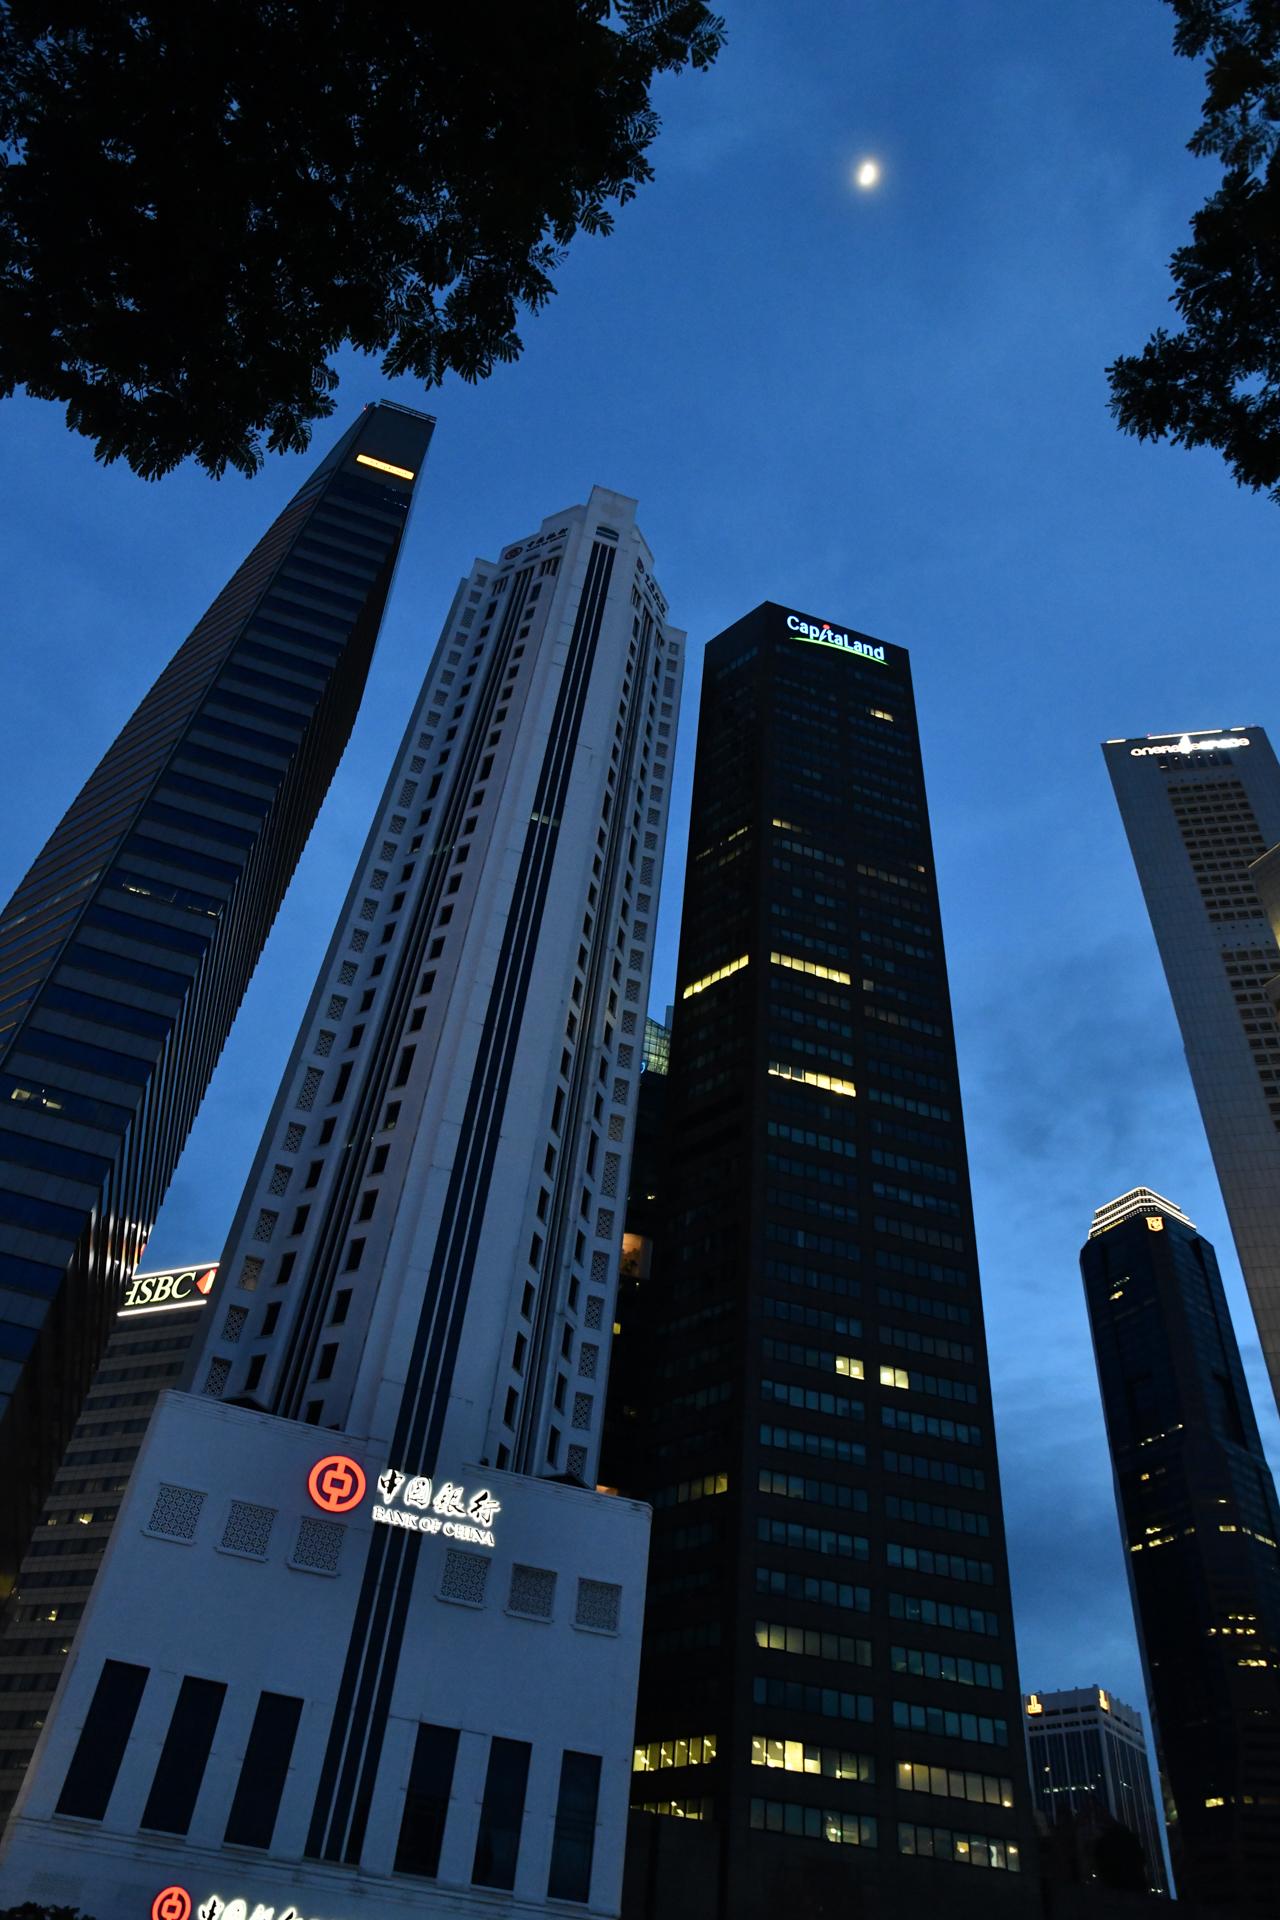 シンガポール マーライオン公園 D850+SP 24-70mm F/2.8 Di VC USD G2